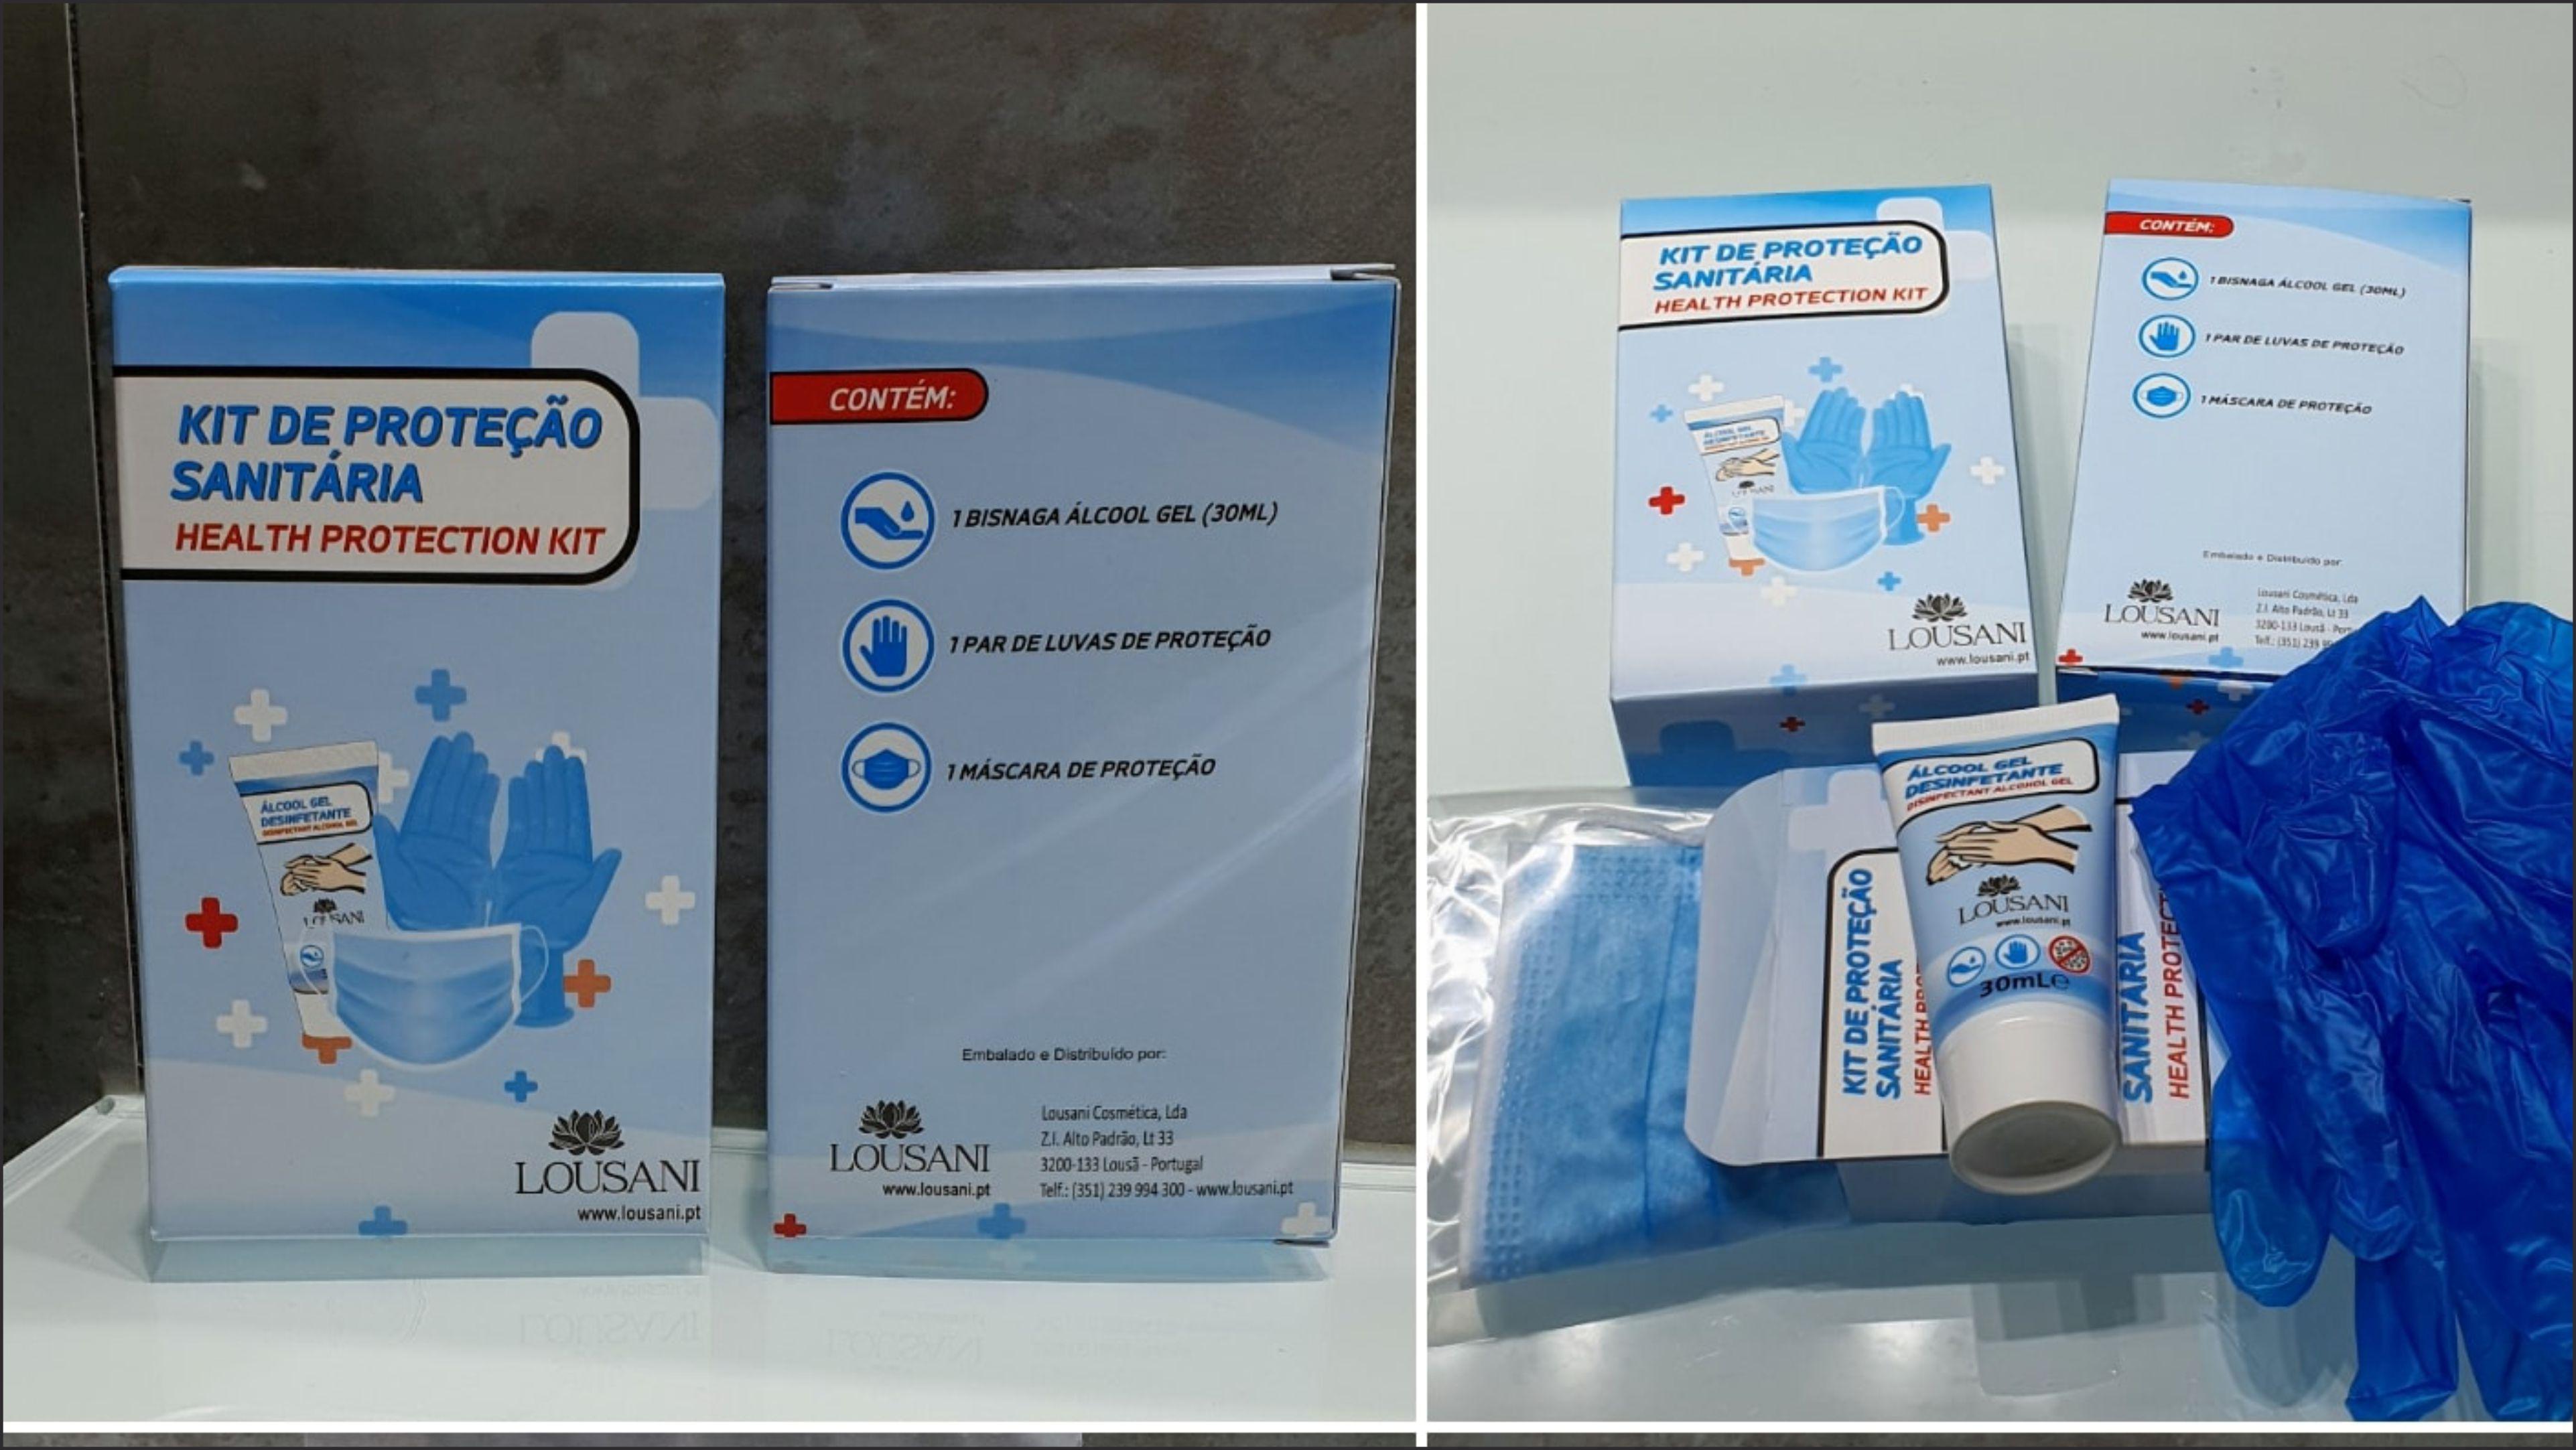 Kit de Proteção Sanitária Cartolina